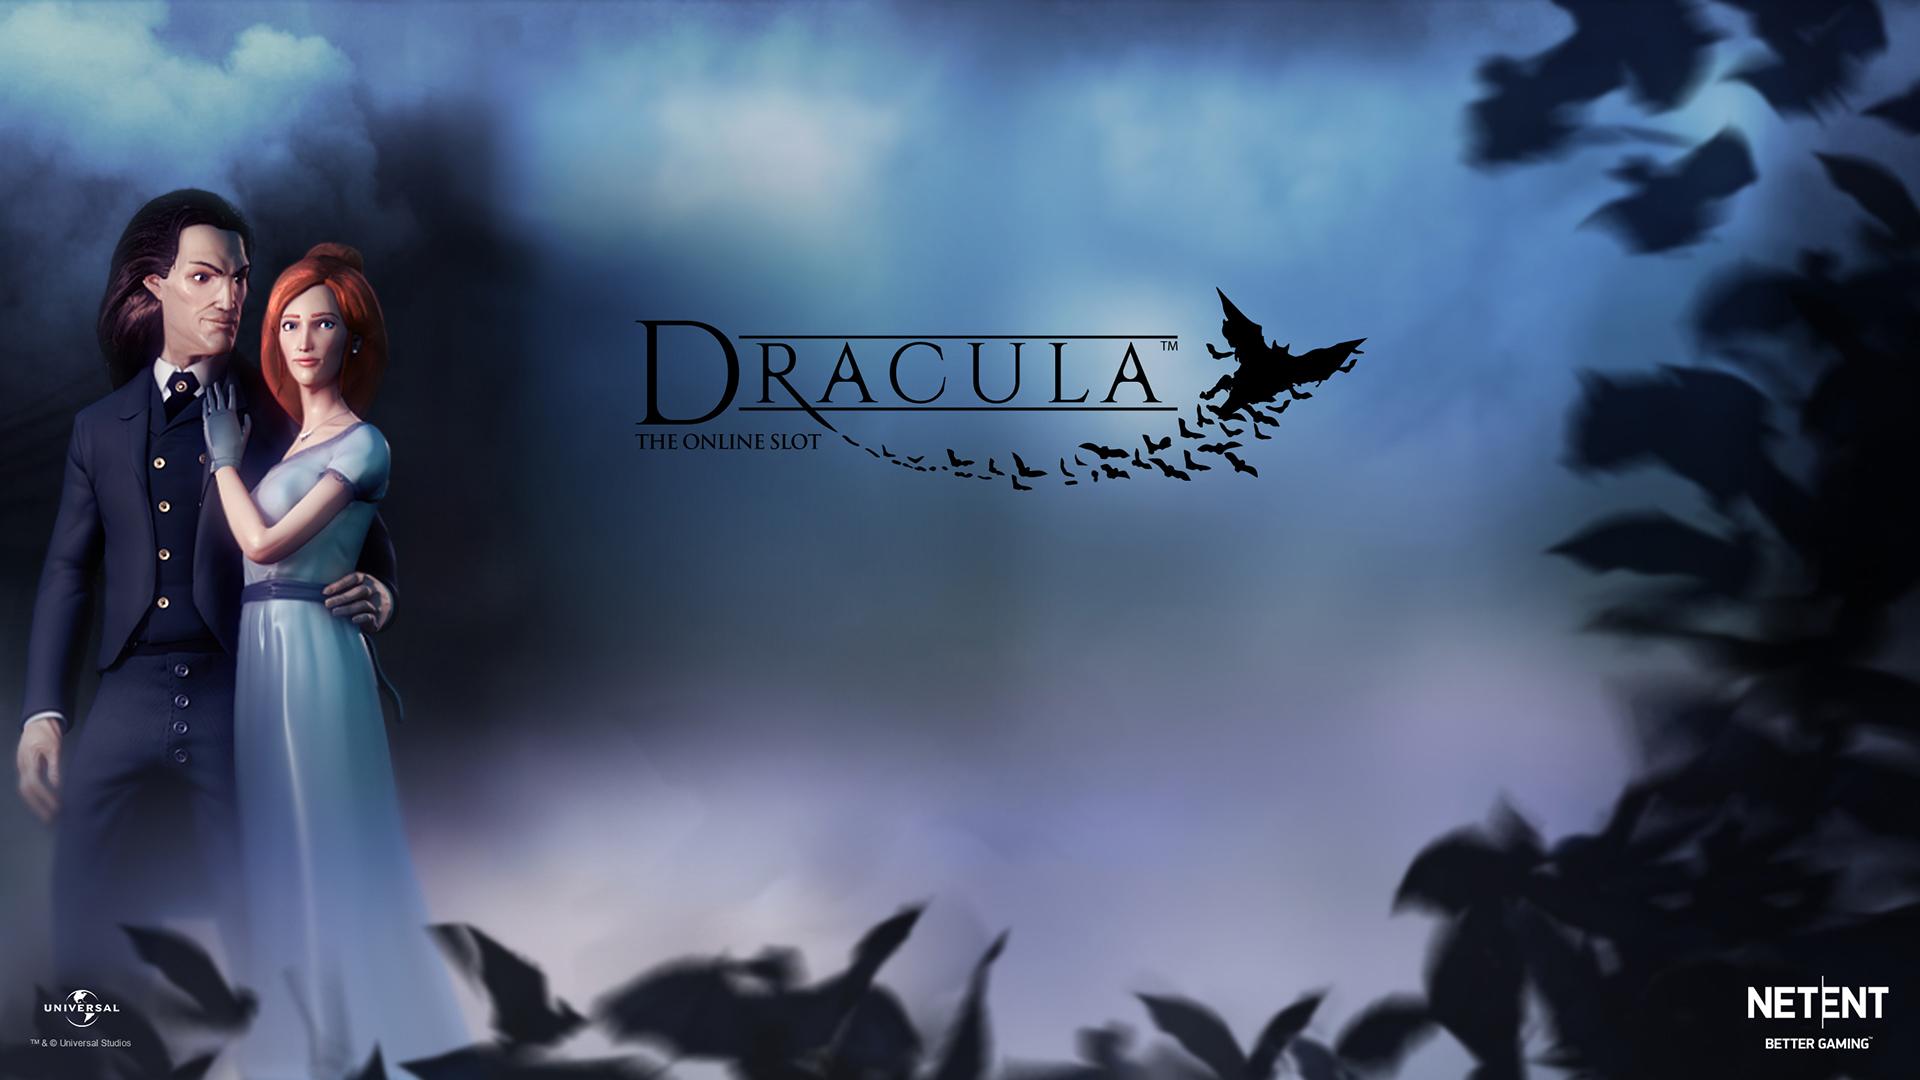 NetEnt Dracula Wallpaper 3